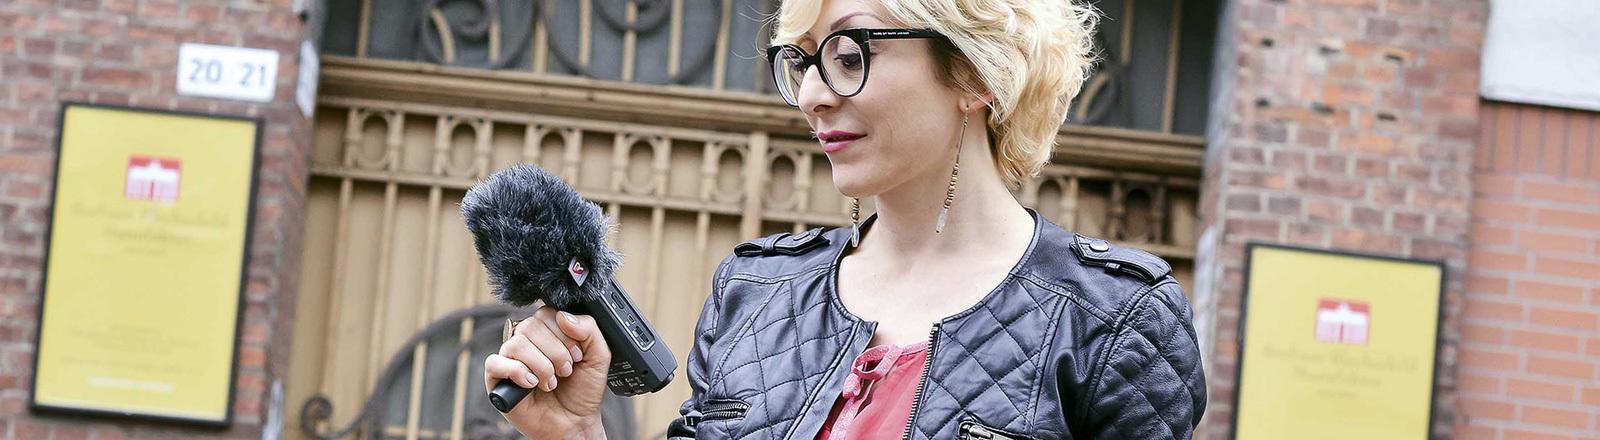 Die Lärmforscherin Antonella Radicchi steht vor einem Backsteingebäude und hält ein Mikrofon in der Hand.